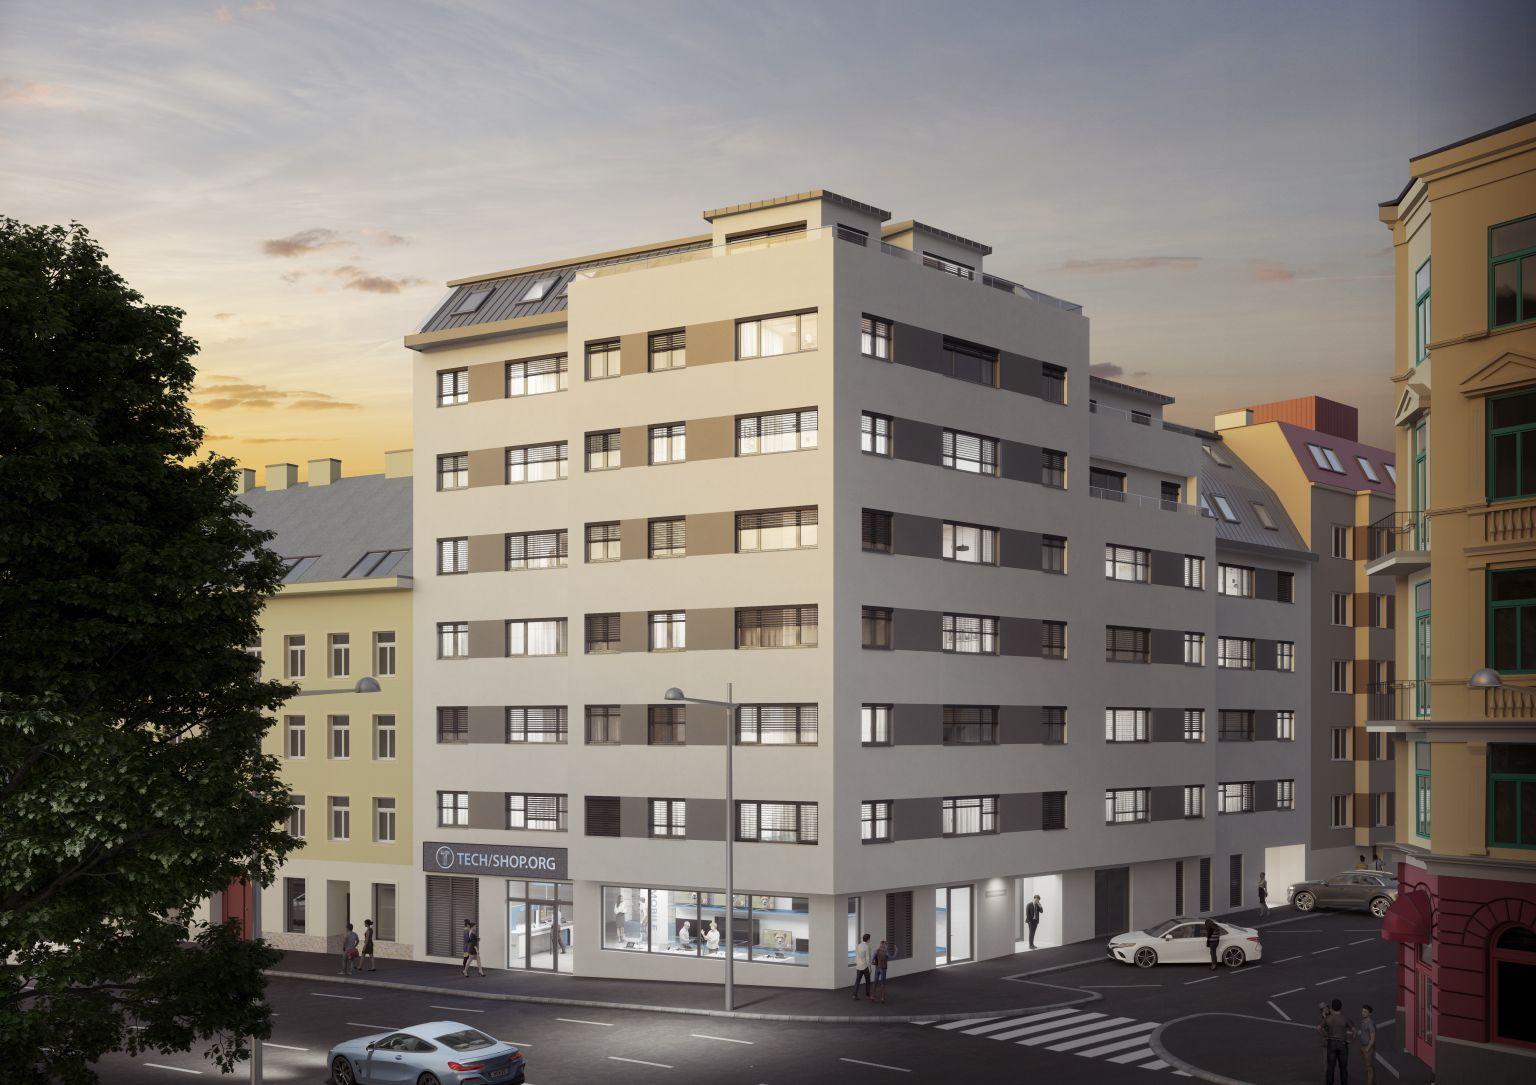 C&P Immobilien verkauft weiteres Wohnprojekt